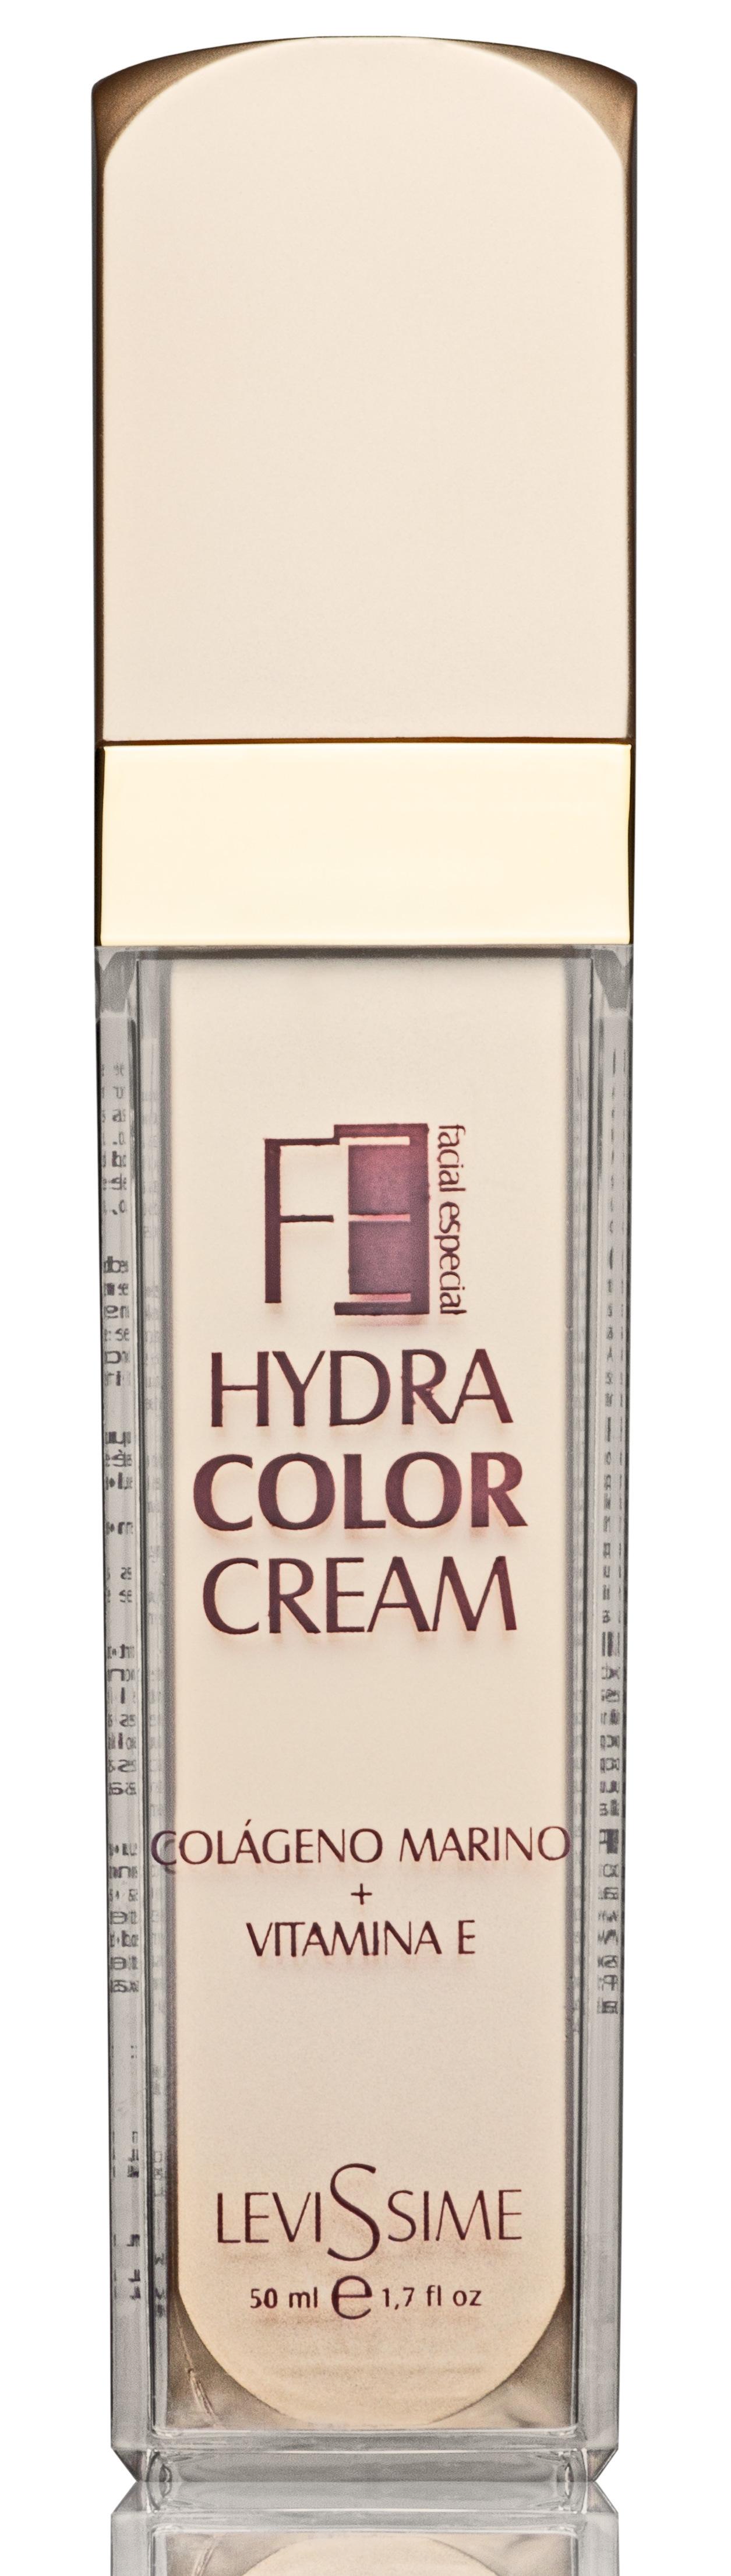 LEVISSIME Крем солнцезащитный с тональным эффектом / Hydracolor Cream 50 мл